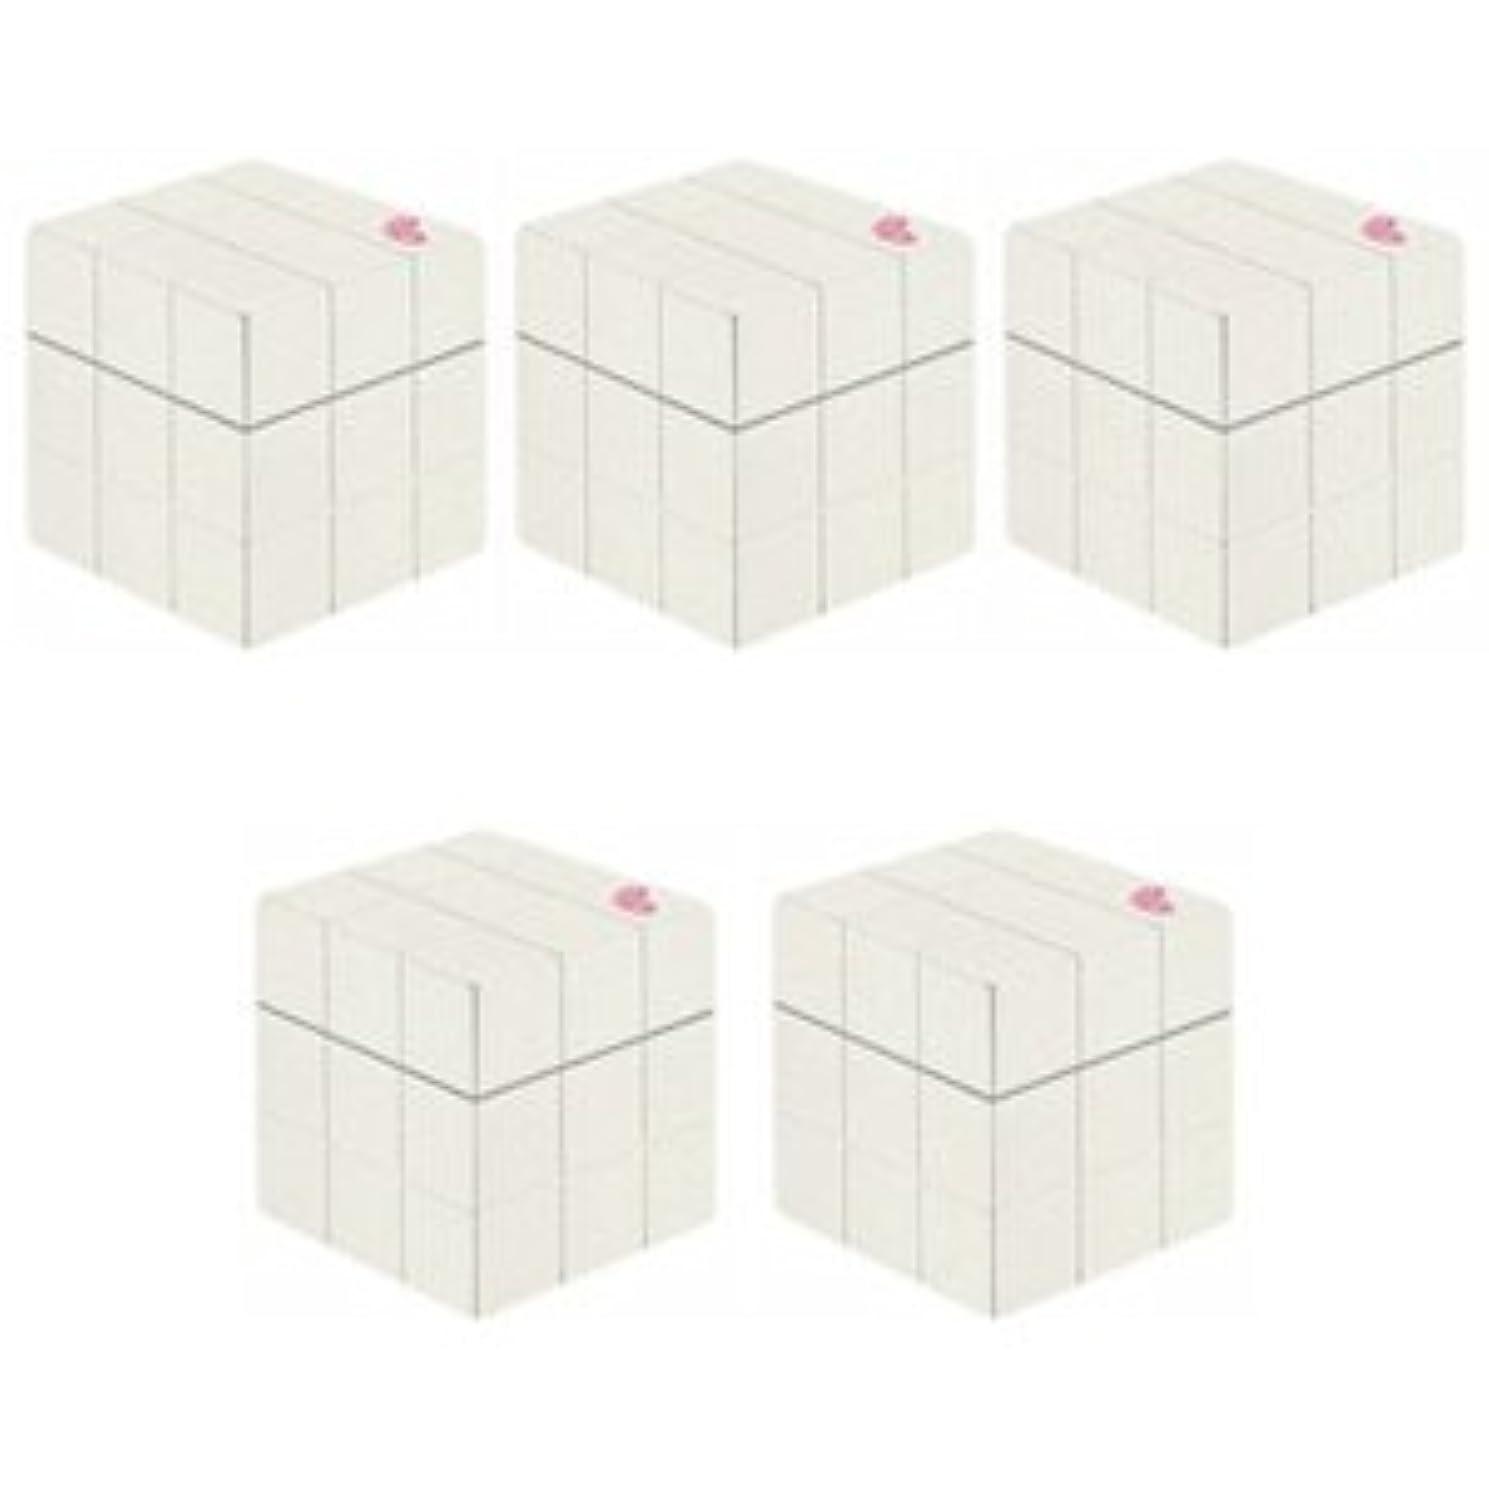 ヒステリッククレジット物語【X5個セット】 アリミノ ピース プロデザインシリーズ グロスワックス ホワイト 80g